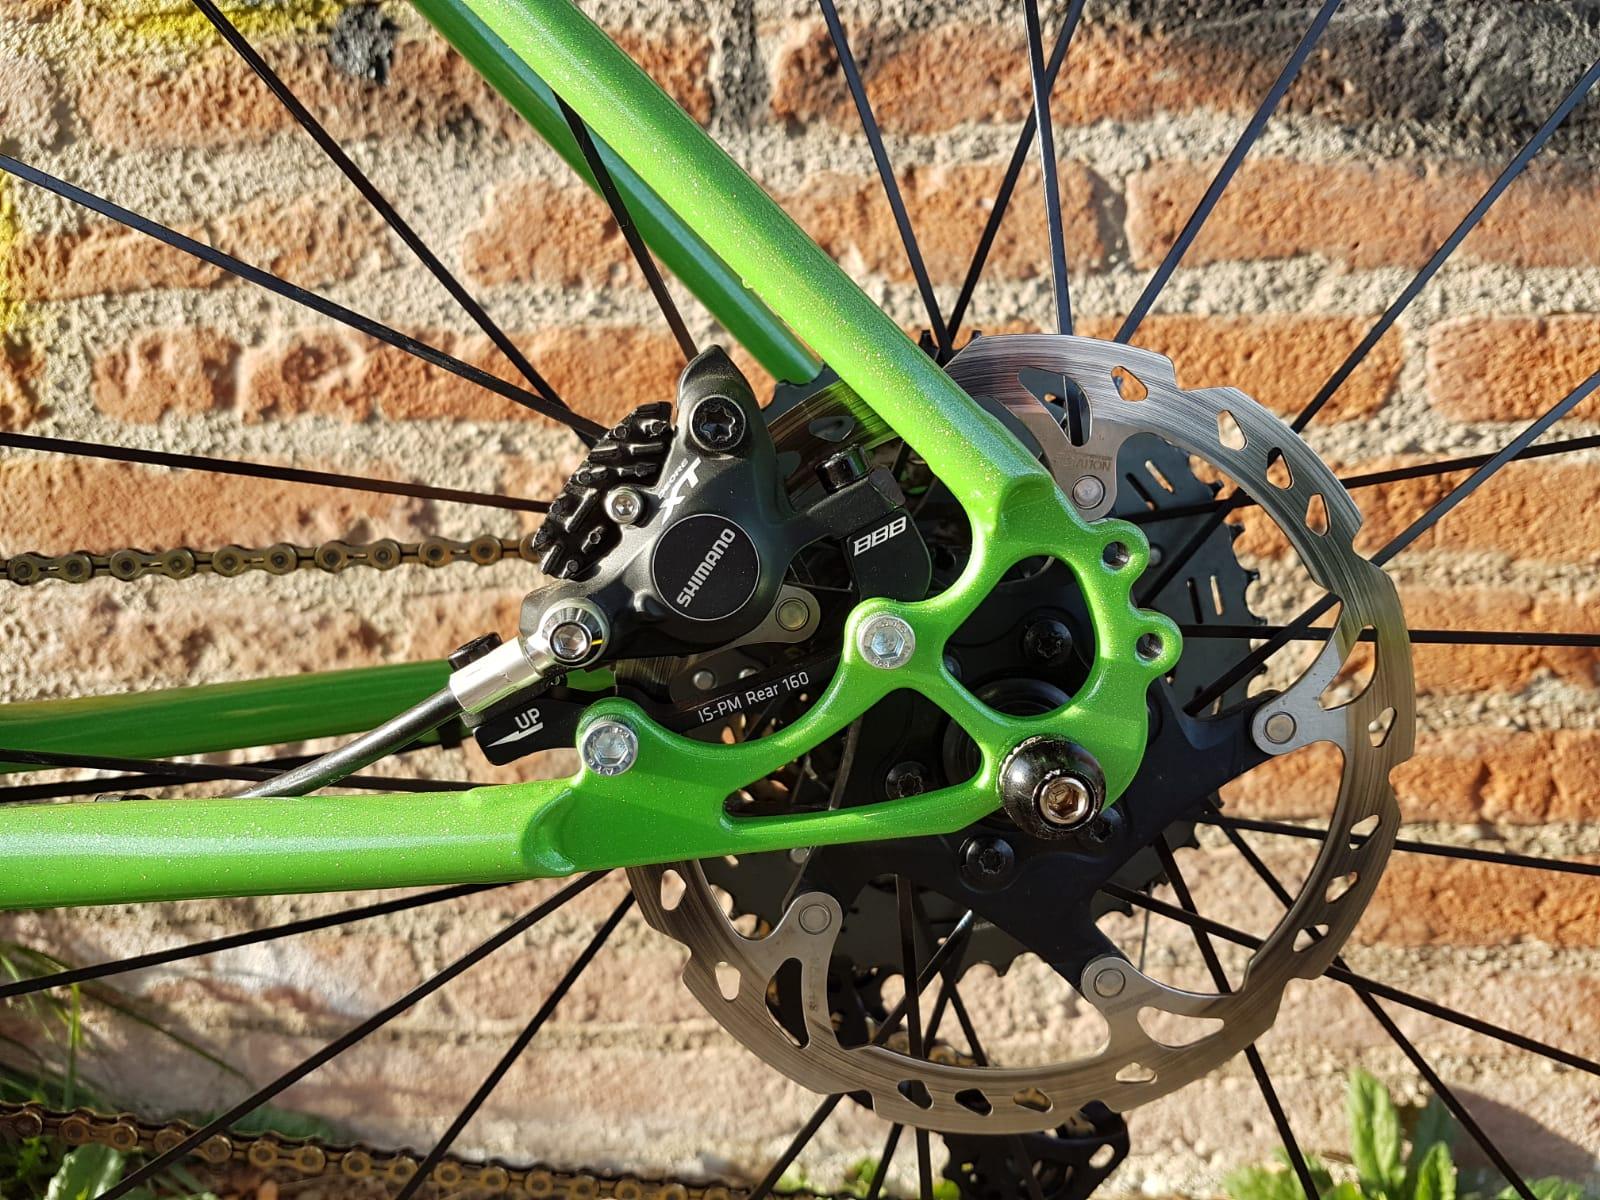 VTT_BAUDOU_Bikes_Pattes